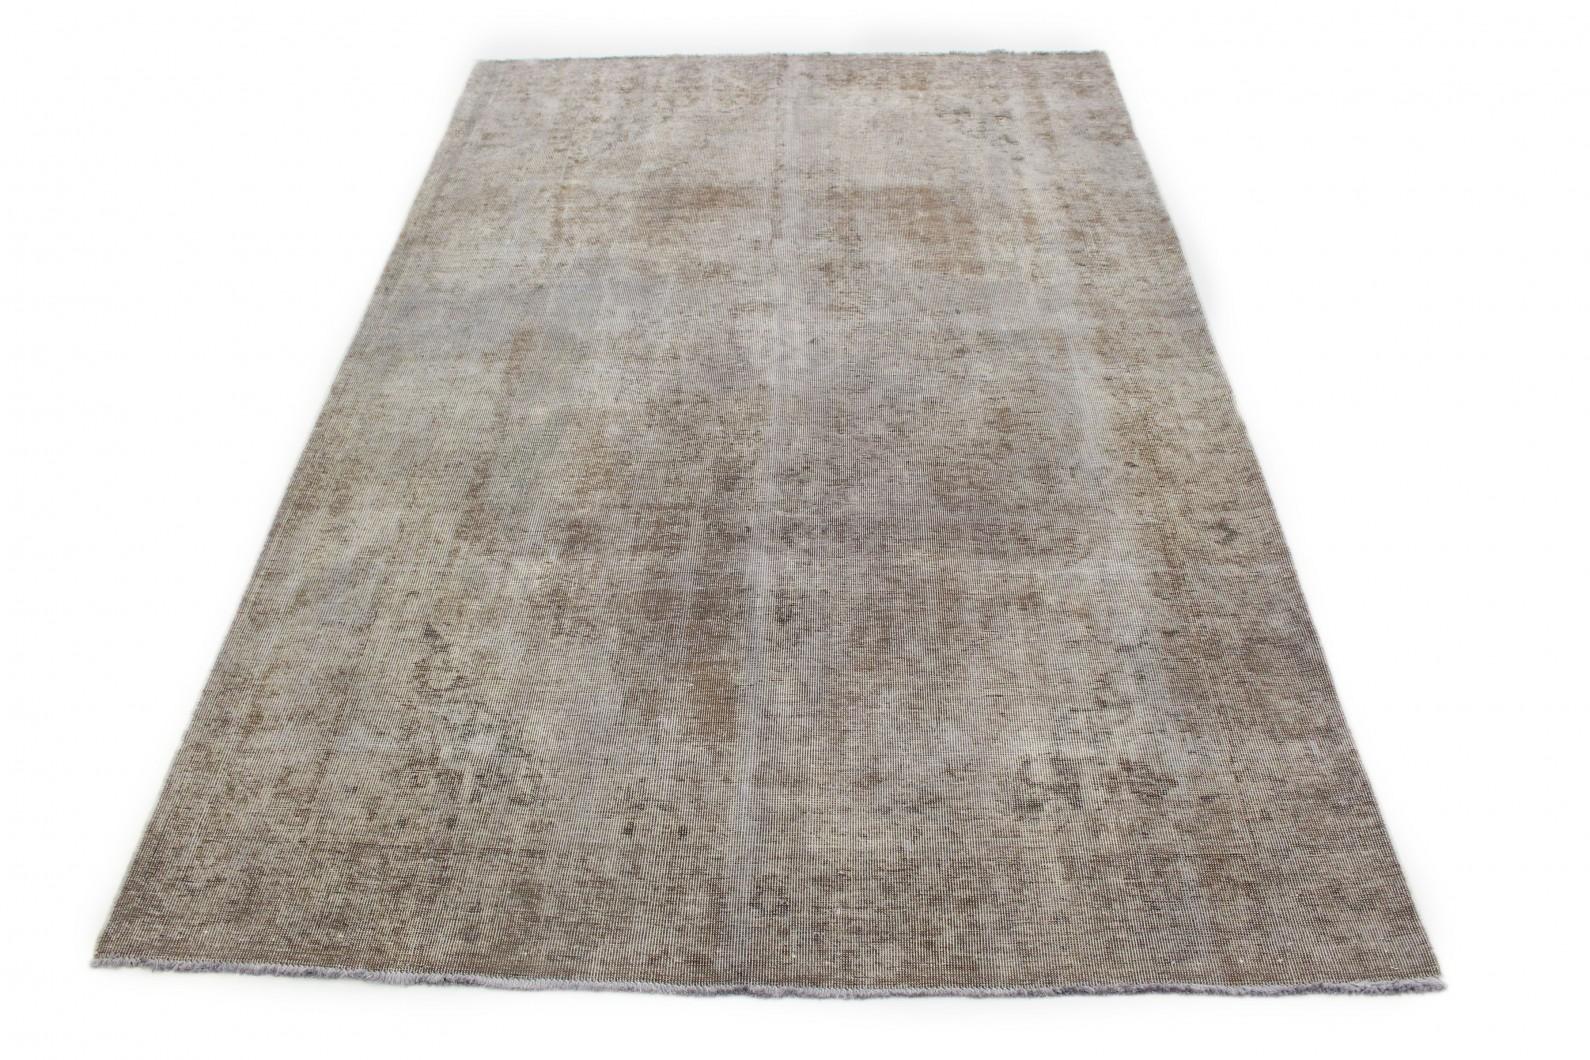 Carpetido Design Vintage-Teppich Sand Braun Grau in 270x180 (1 / 7)